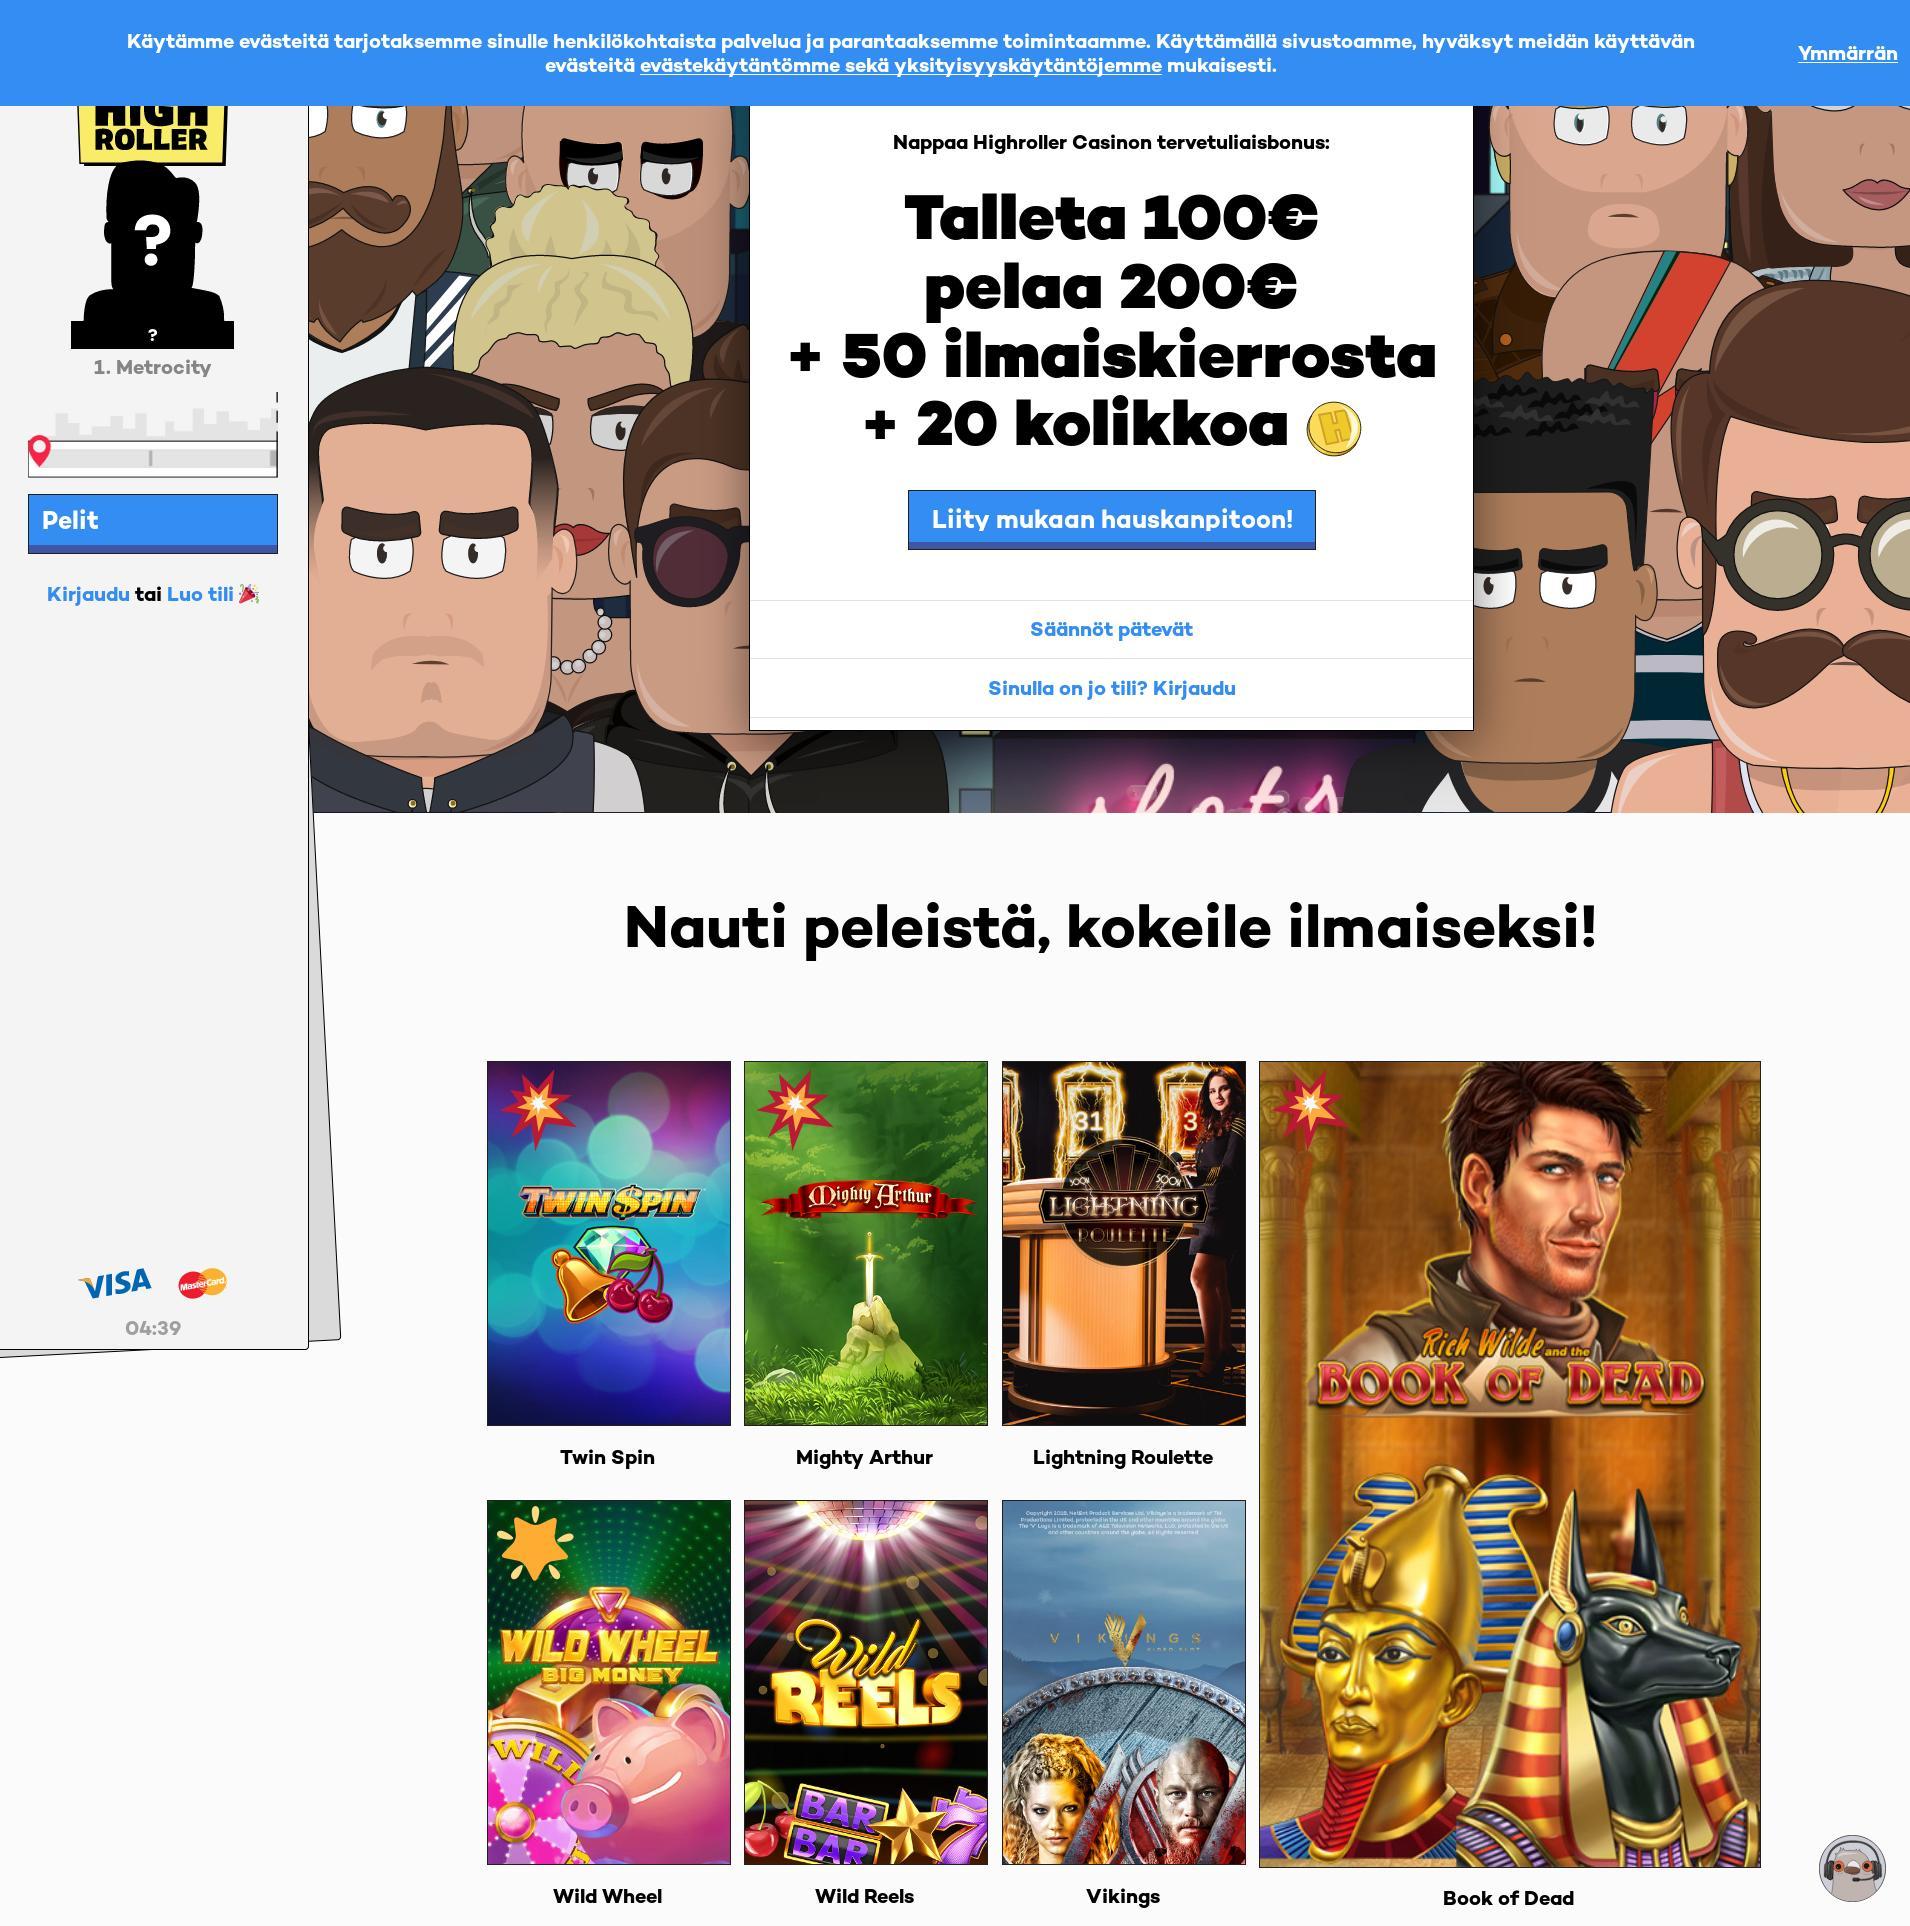 Casino-näyttö Lobby 2019-10-15 varten Suomi